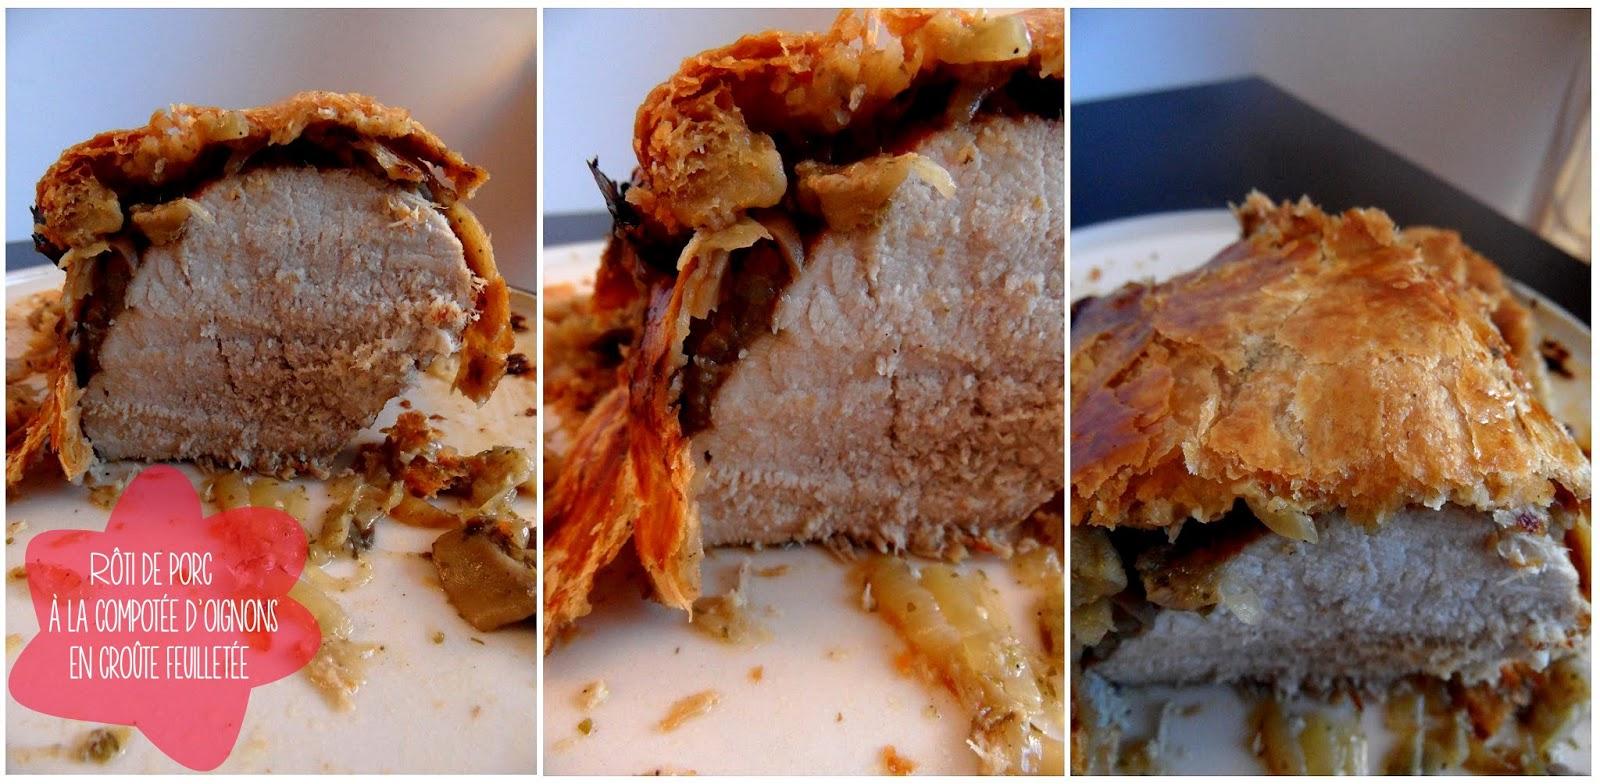 Rôti de porc à la compotée d'oignon en croûte feuilletée et Rösti